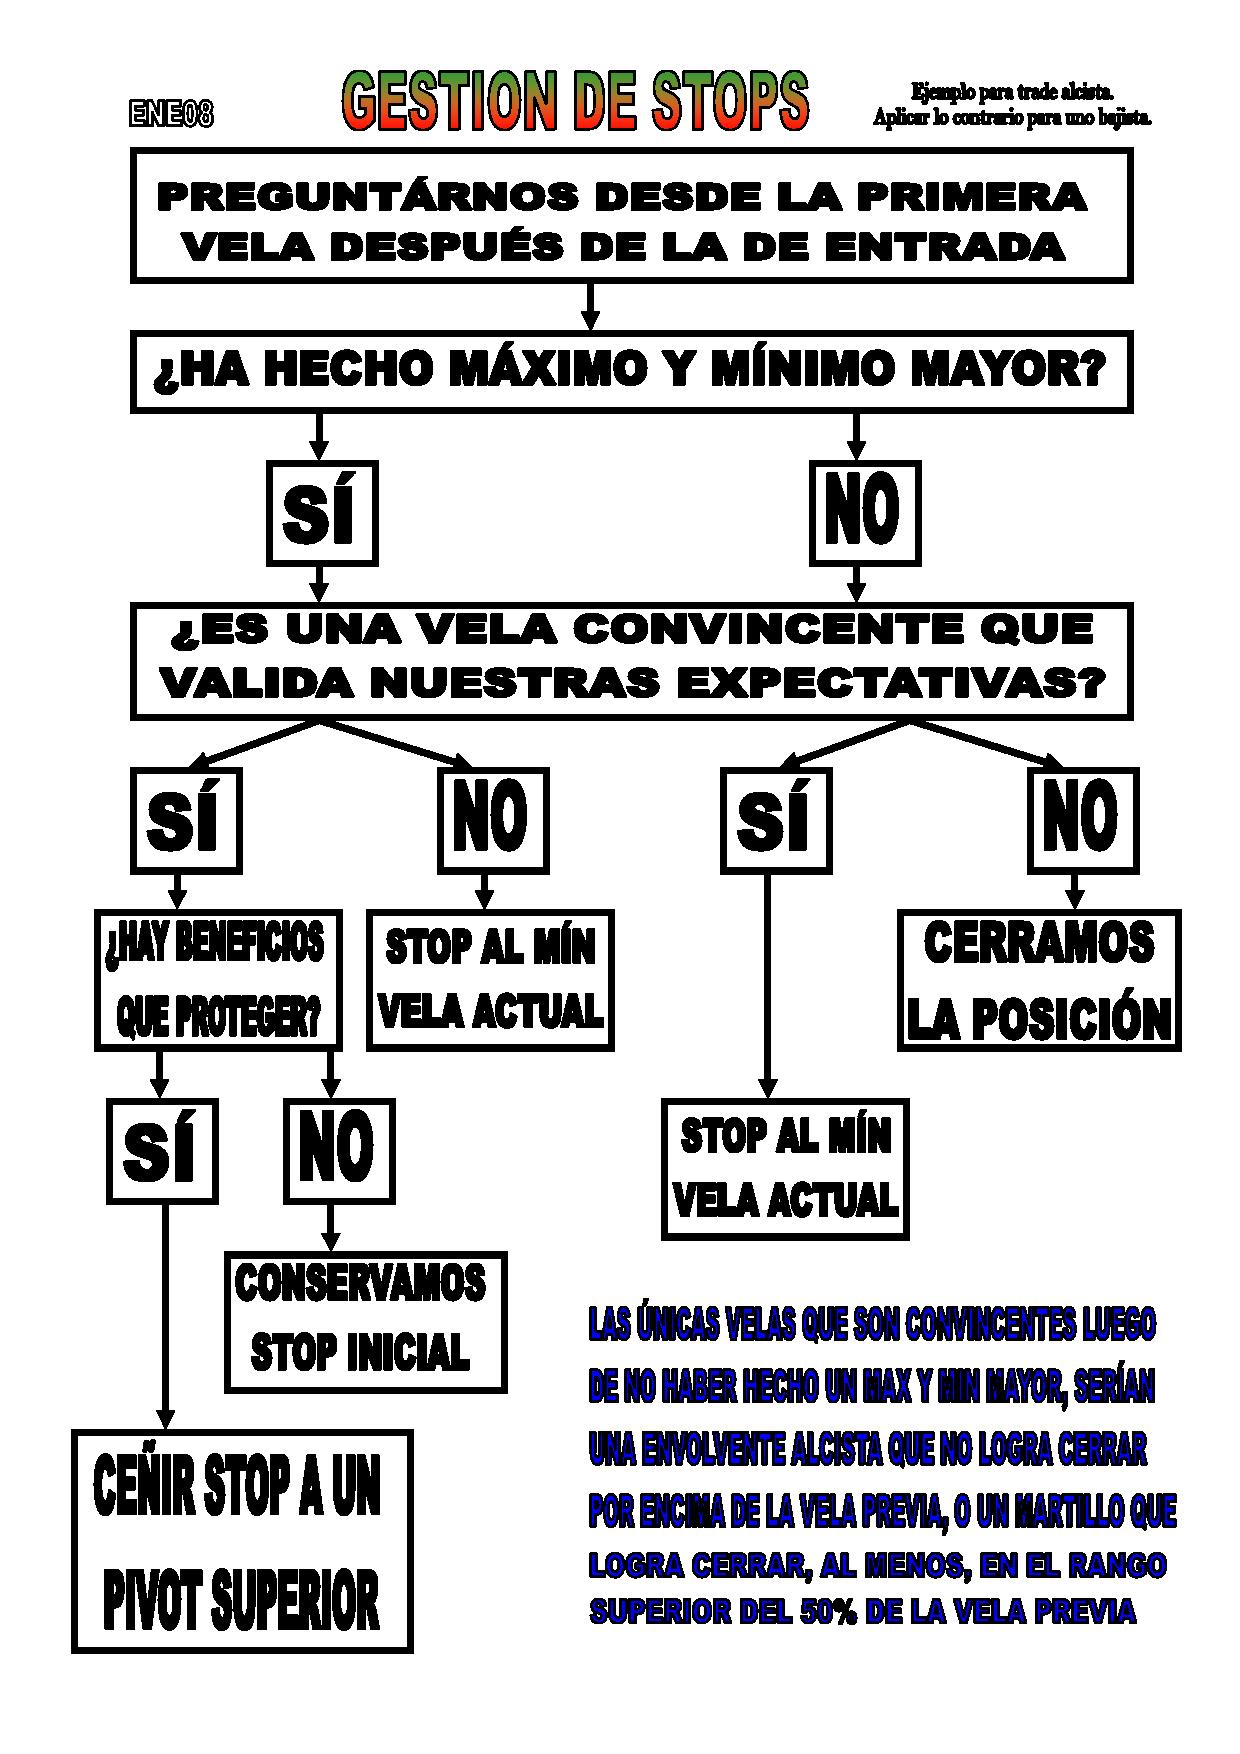 FPE NUEVA GESTION DE STOPS